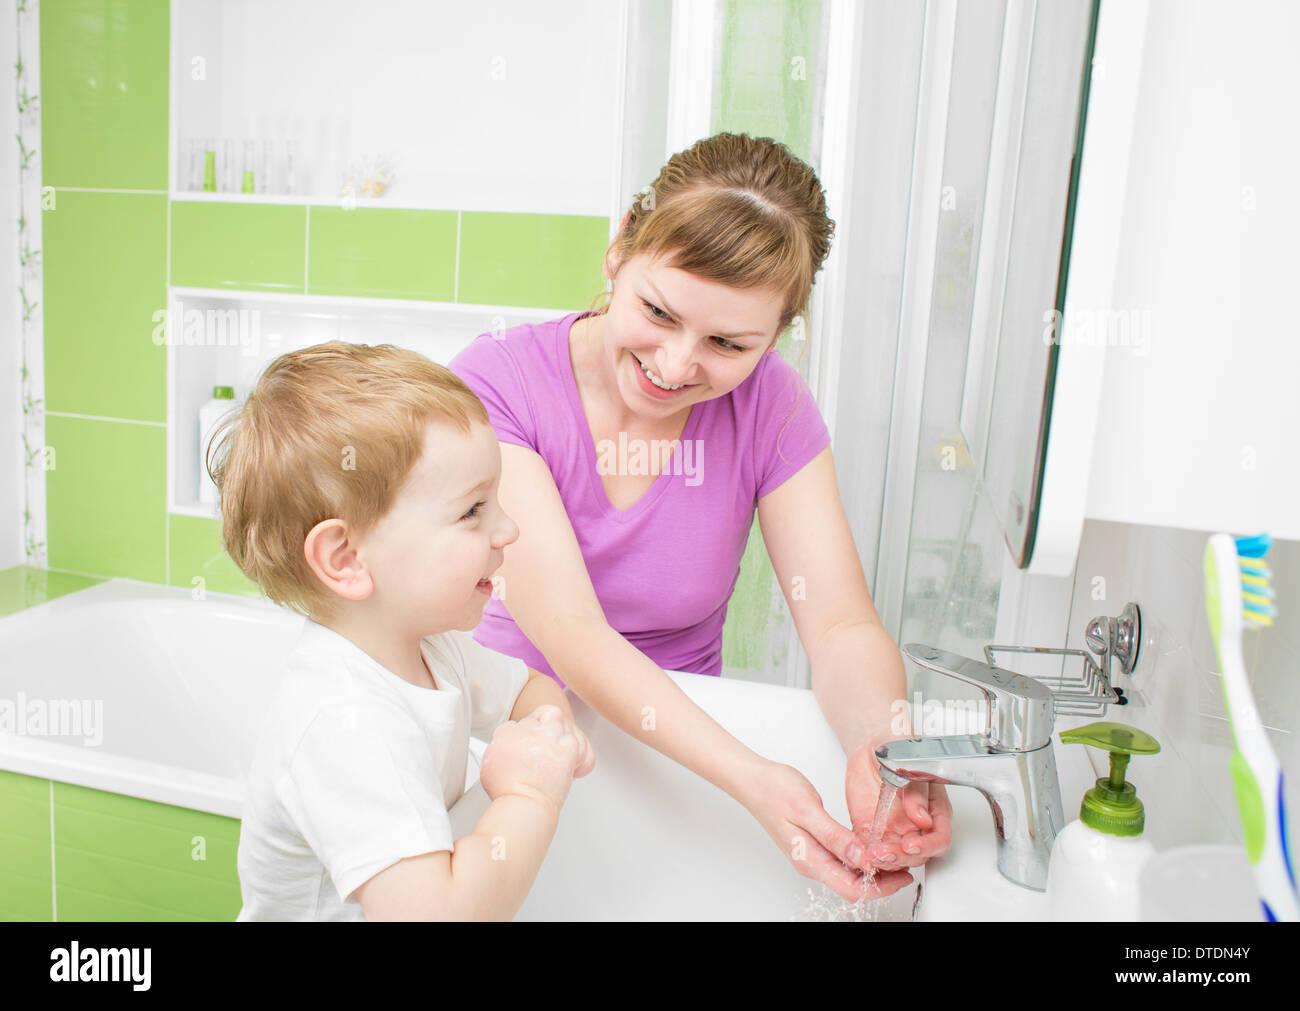 Felice madre e bambino lavarsi le mani con sapone insieme nella stanza da bagno Immagini Stock